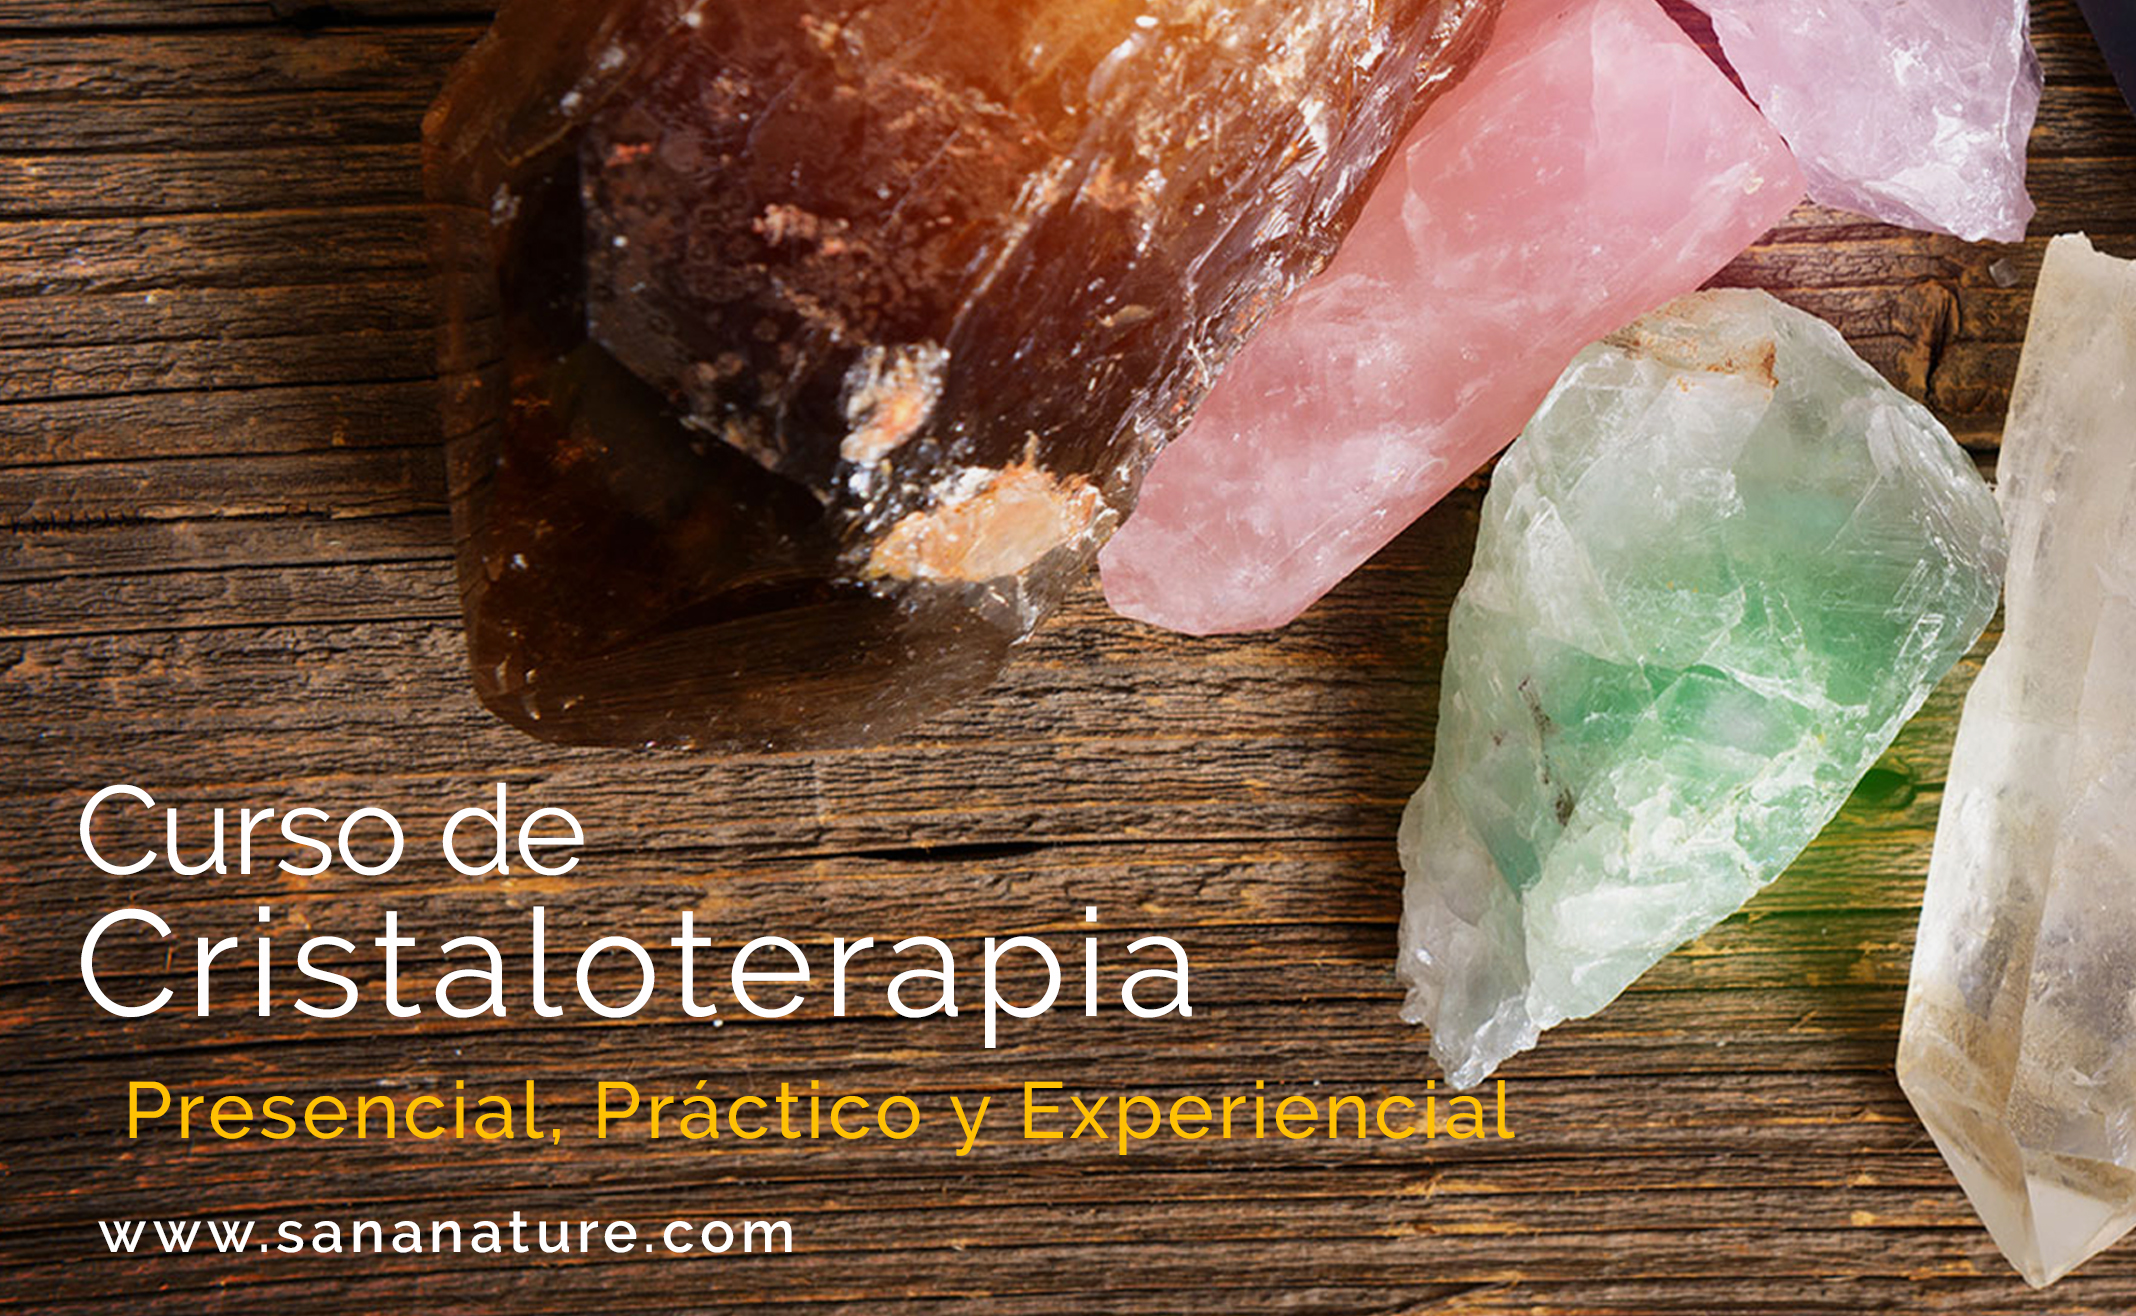 Curso de Gemoterapia en Madrid